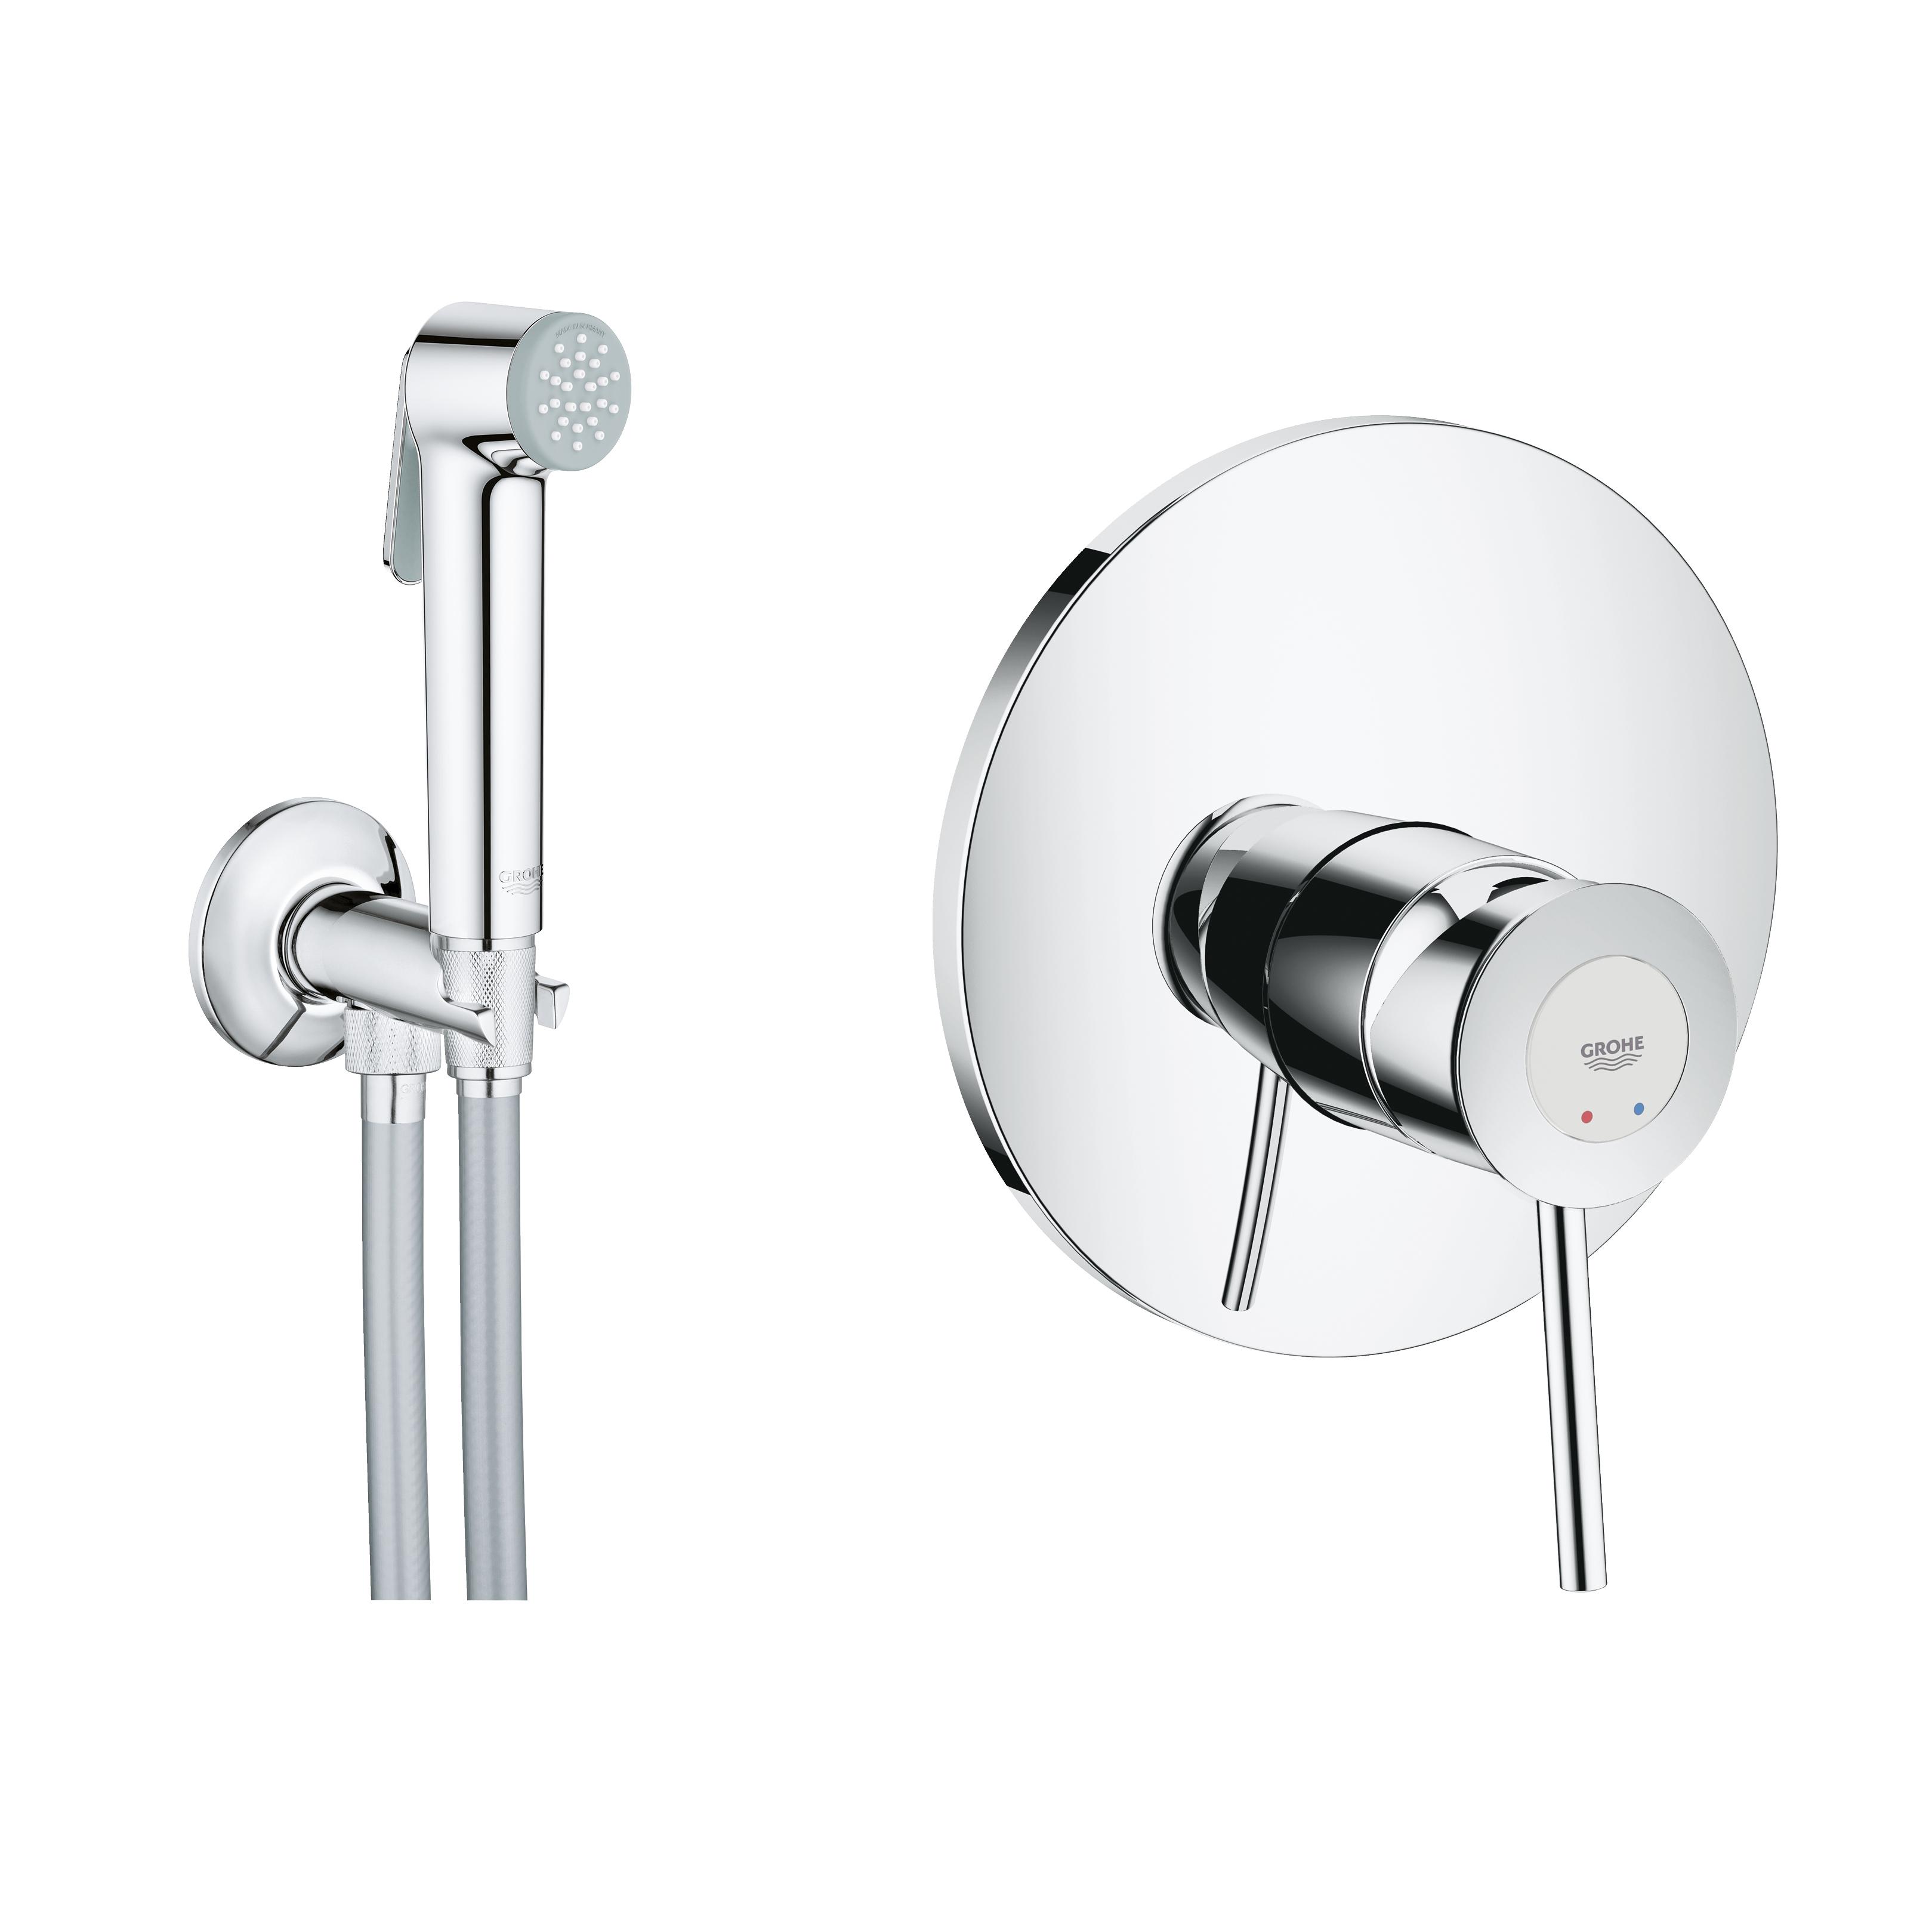 BauClassic Готовое решение для гигиенического душа скрытого монтажа с угловым вентилем (хромированный ручной душ)